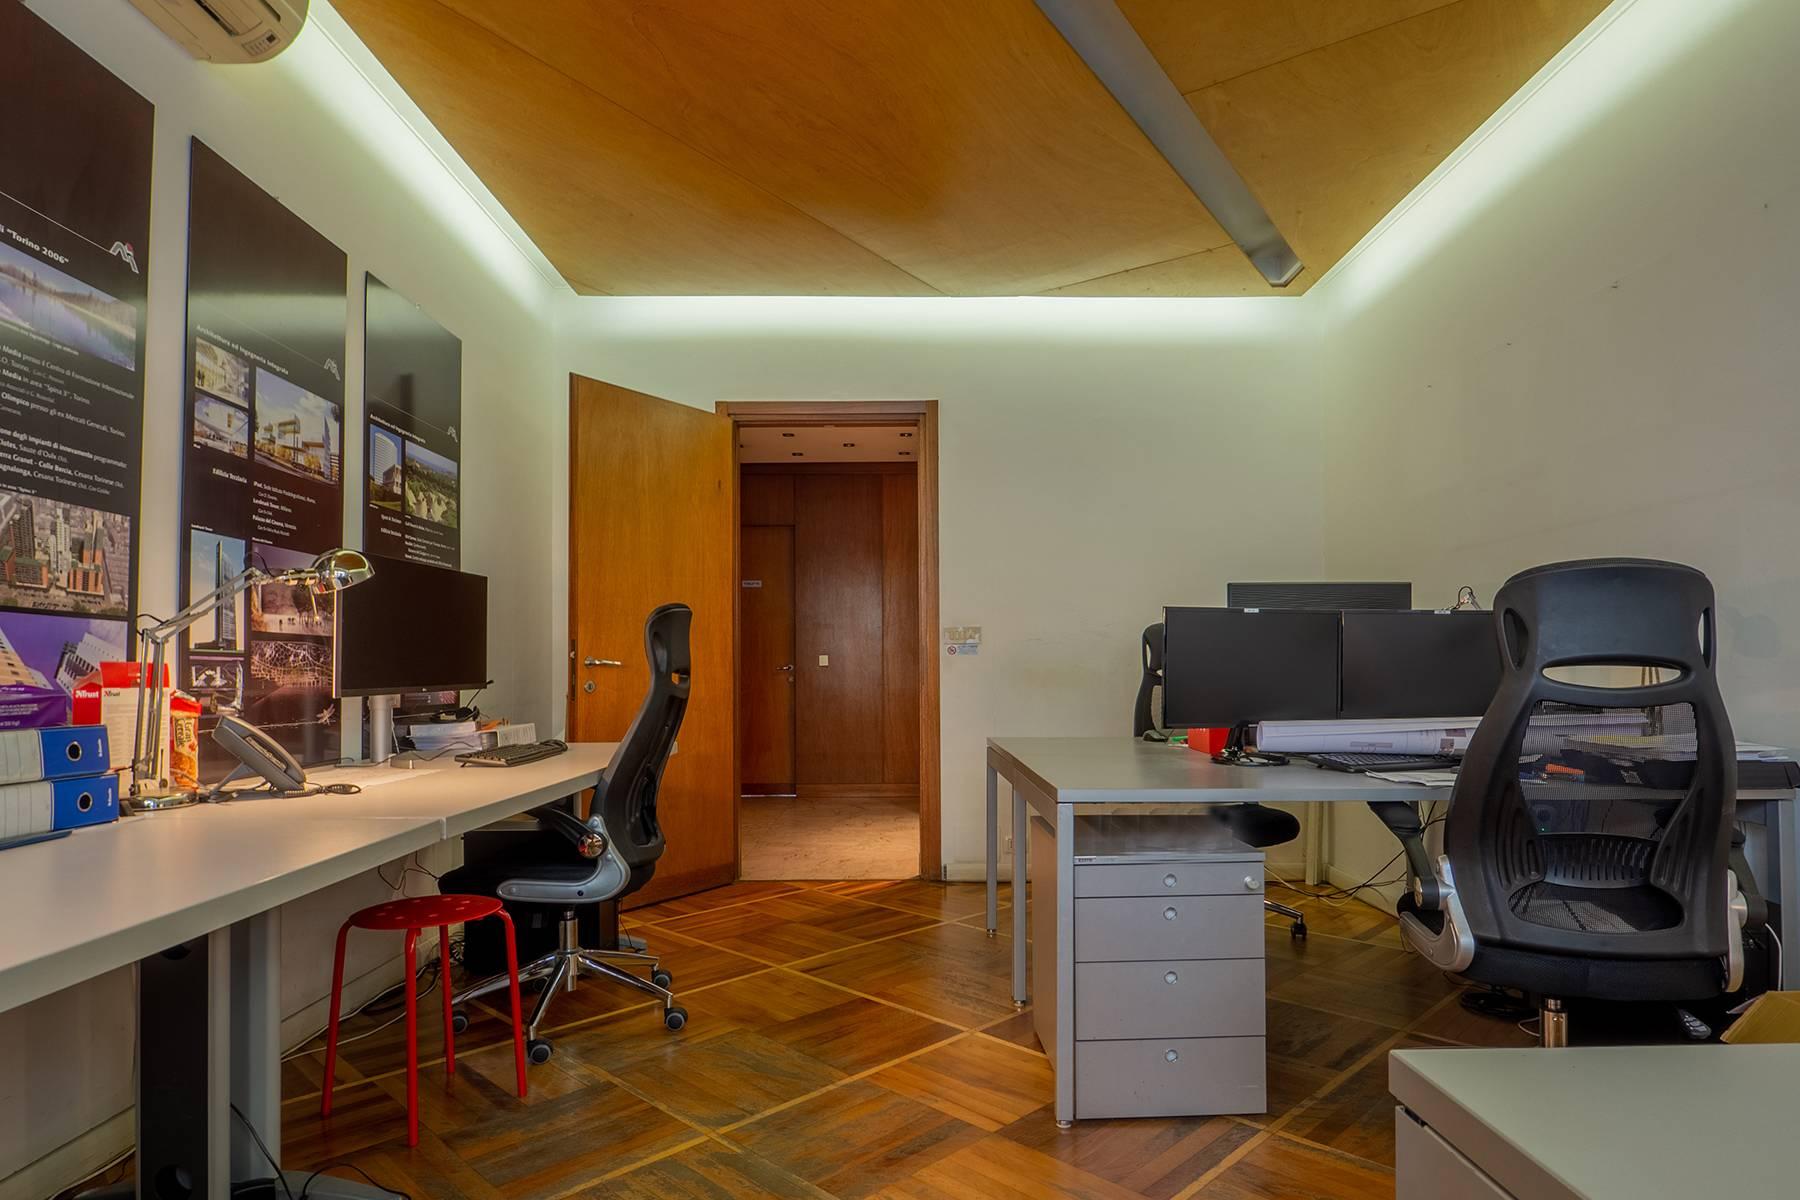 Ufficio-studio in Vendita a Torino: 2 locali, 89 mq - Foto 2